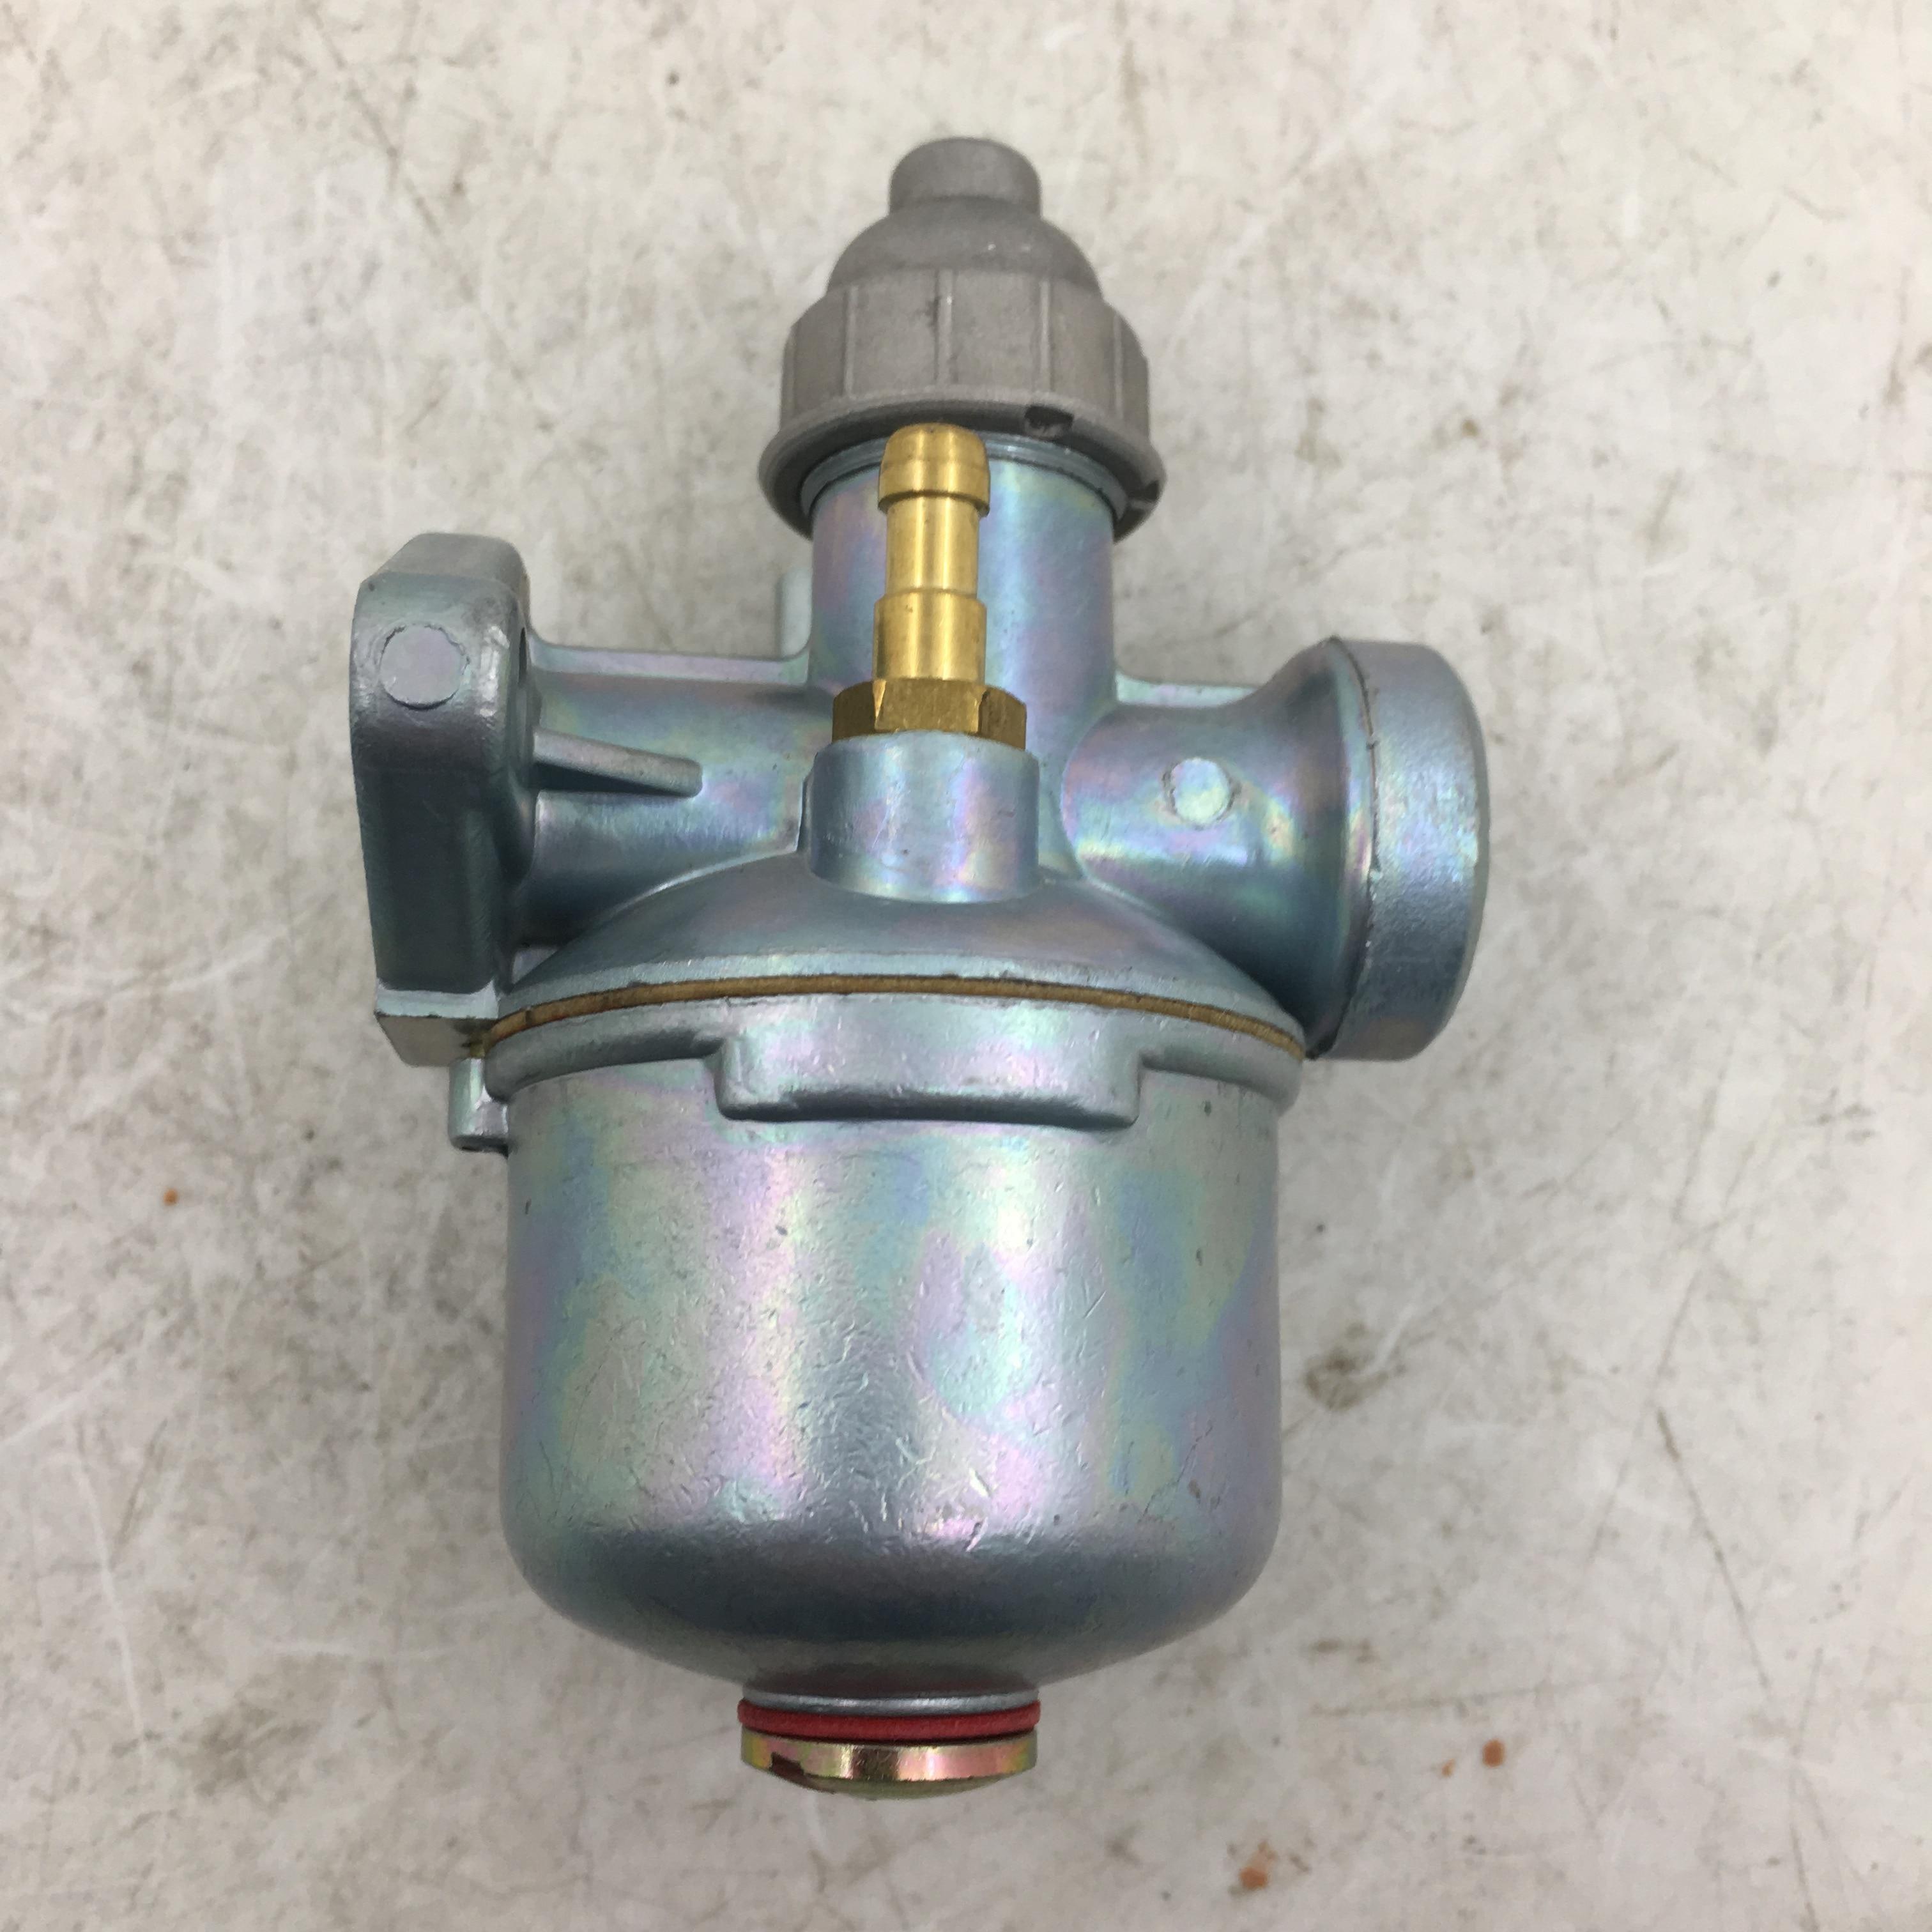 Carburateur SherryBerg CARB NKJ 123-4 pour Simson sr1, sr2, sr2e, moineau, kr50 vergaser nouveau carbrettor complet carby